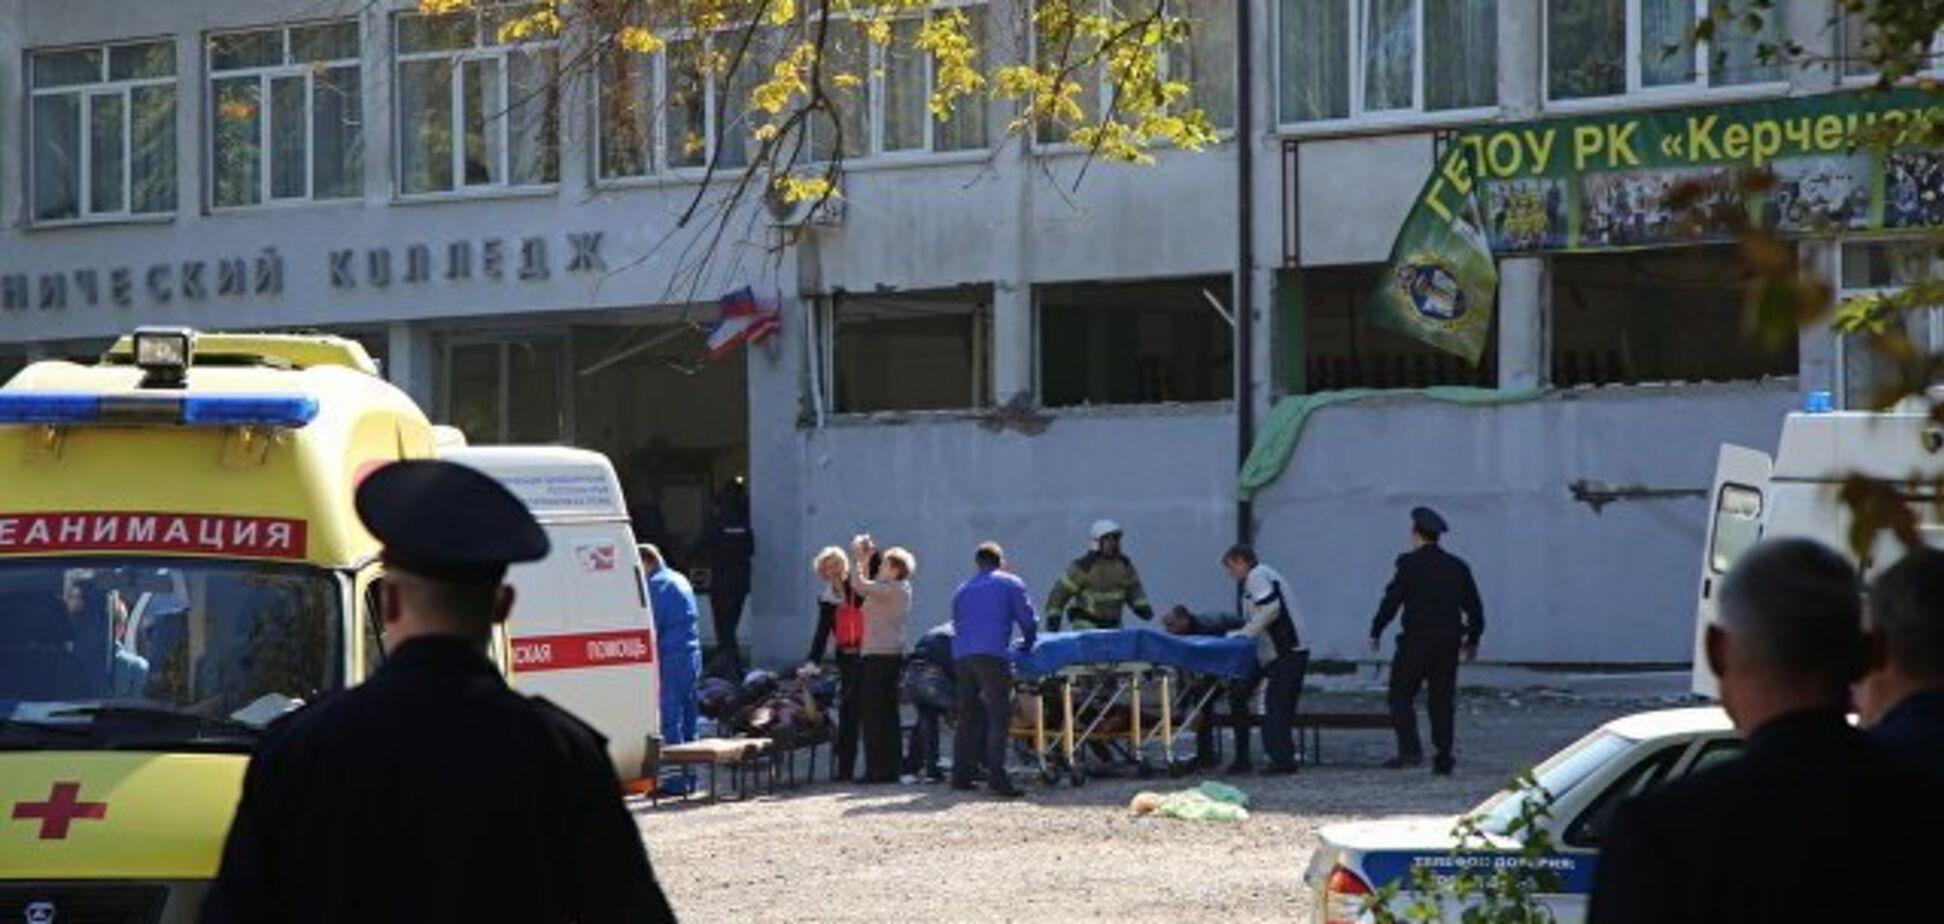 Теракт в Керчі: з'явилися тривожні дані про тих, хто вижив